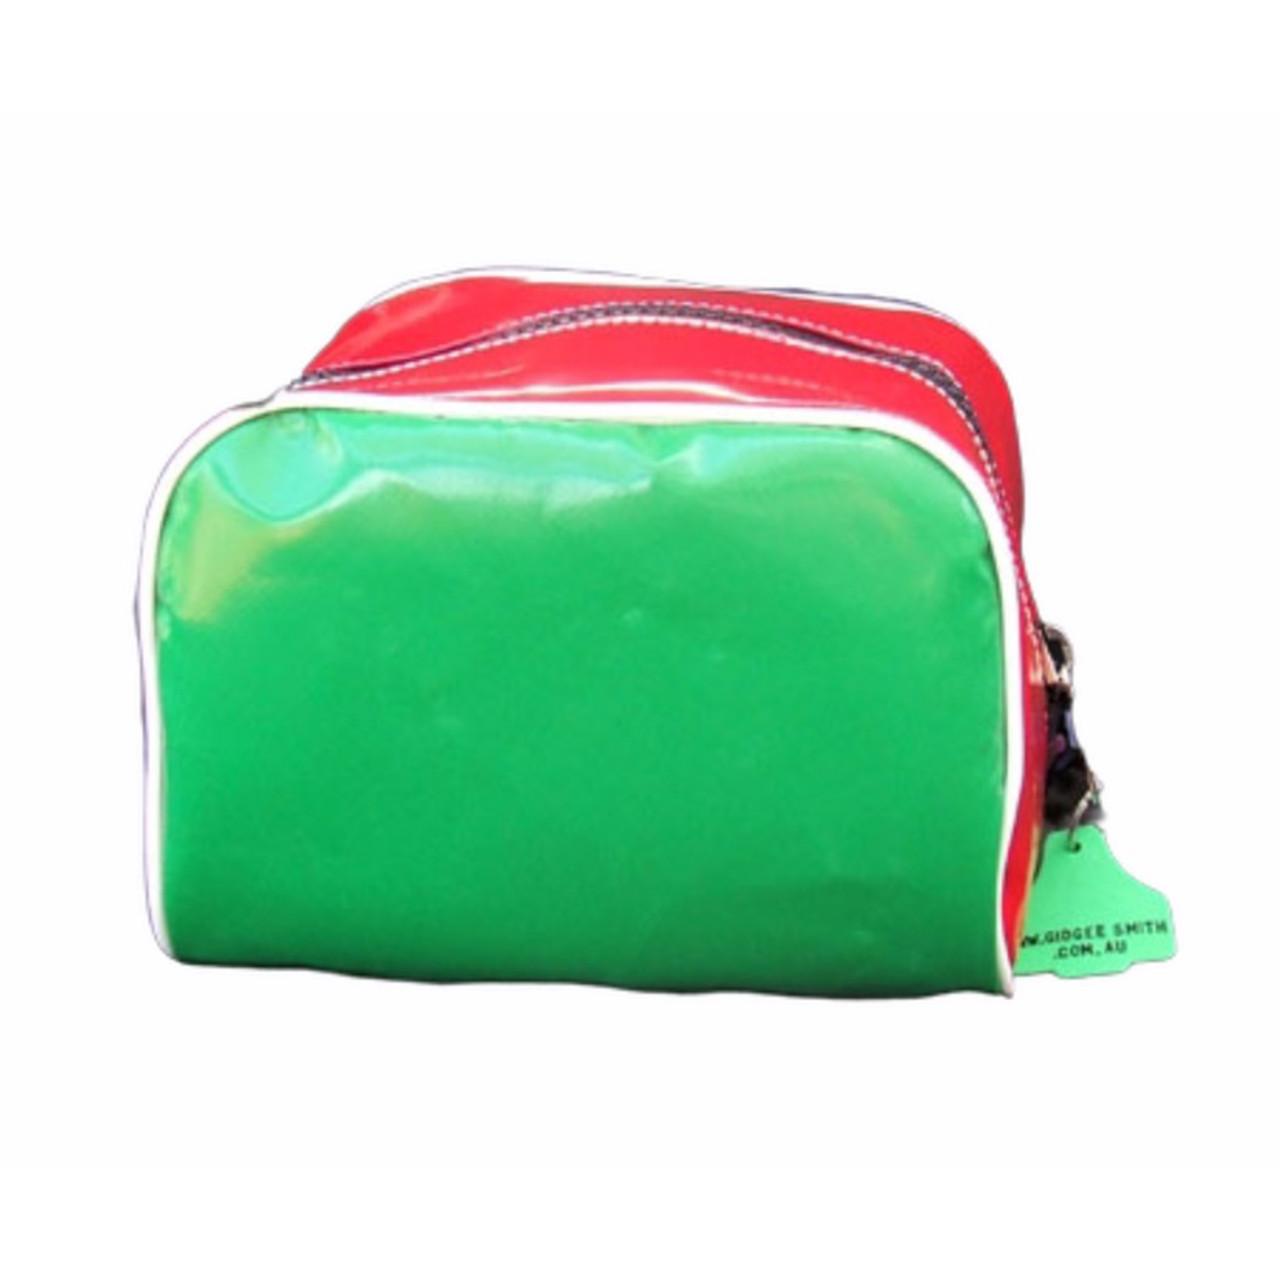 Brush Bag Wet Pack  Australian Made 21cm L X  18cm  W  X 14cm  H